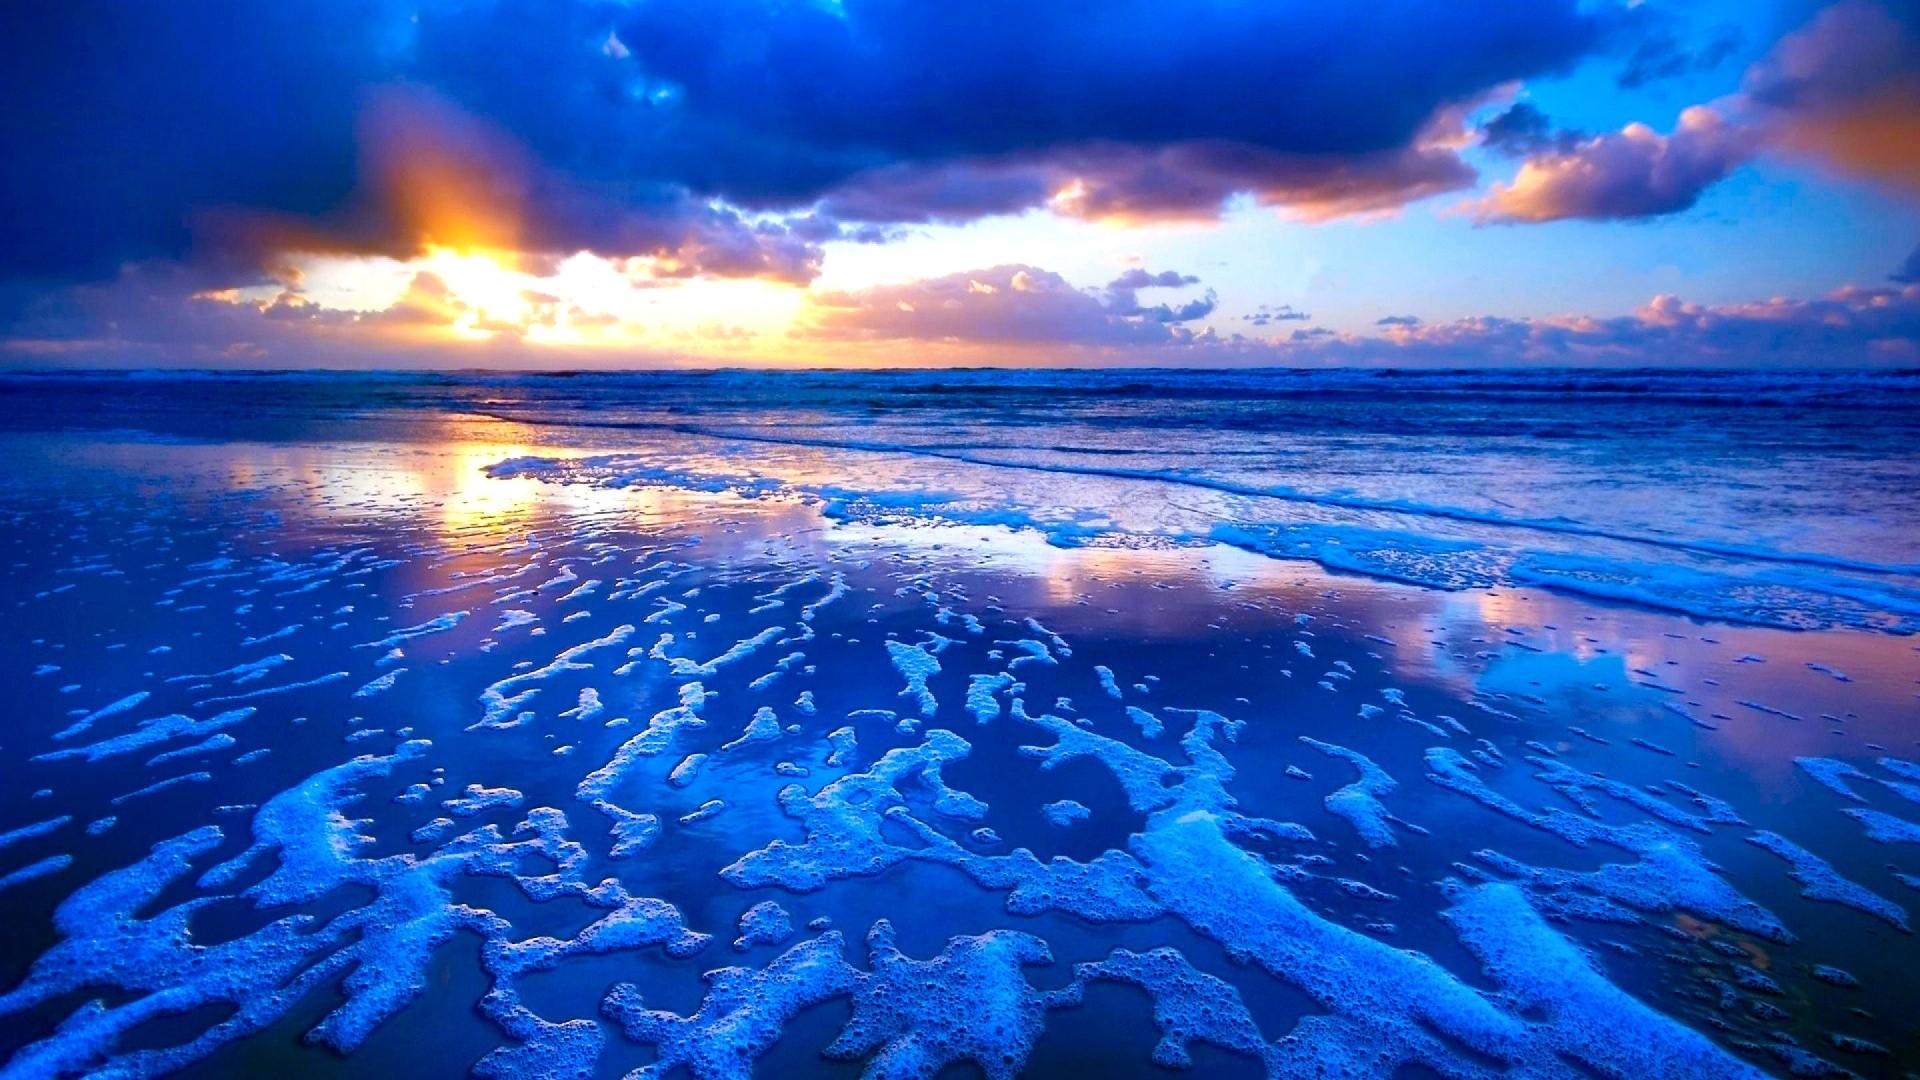 Ocean Nature HD Download